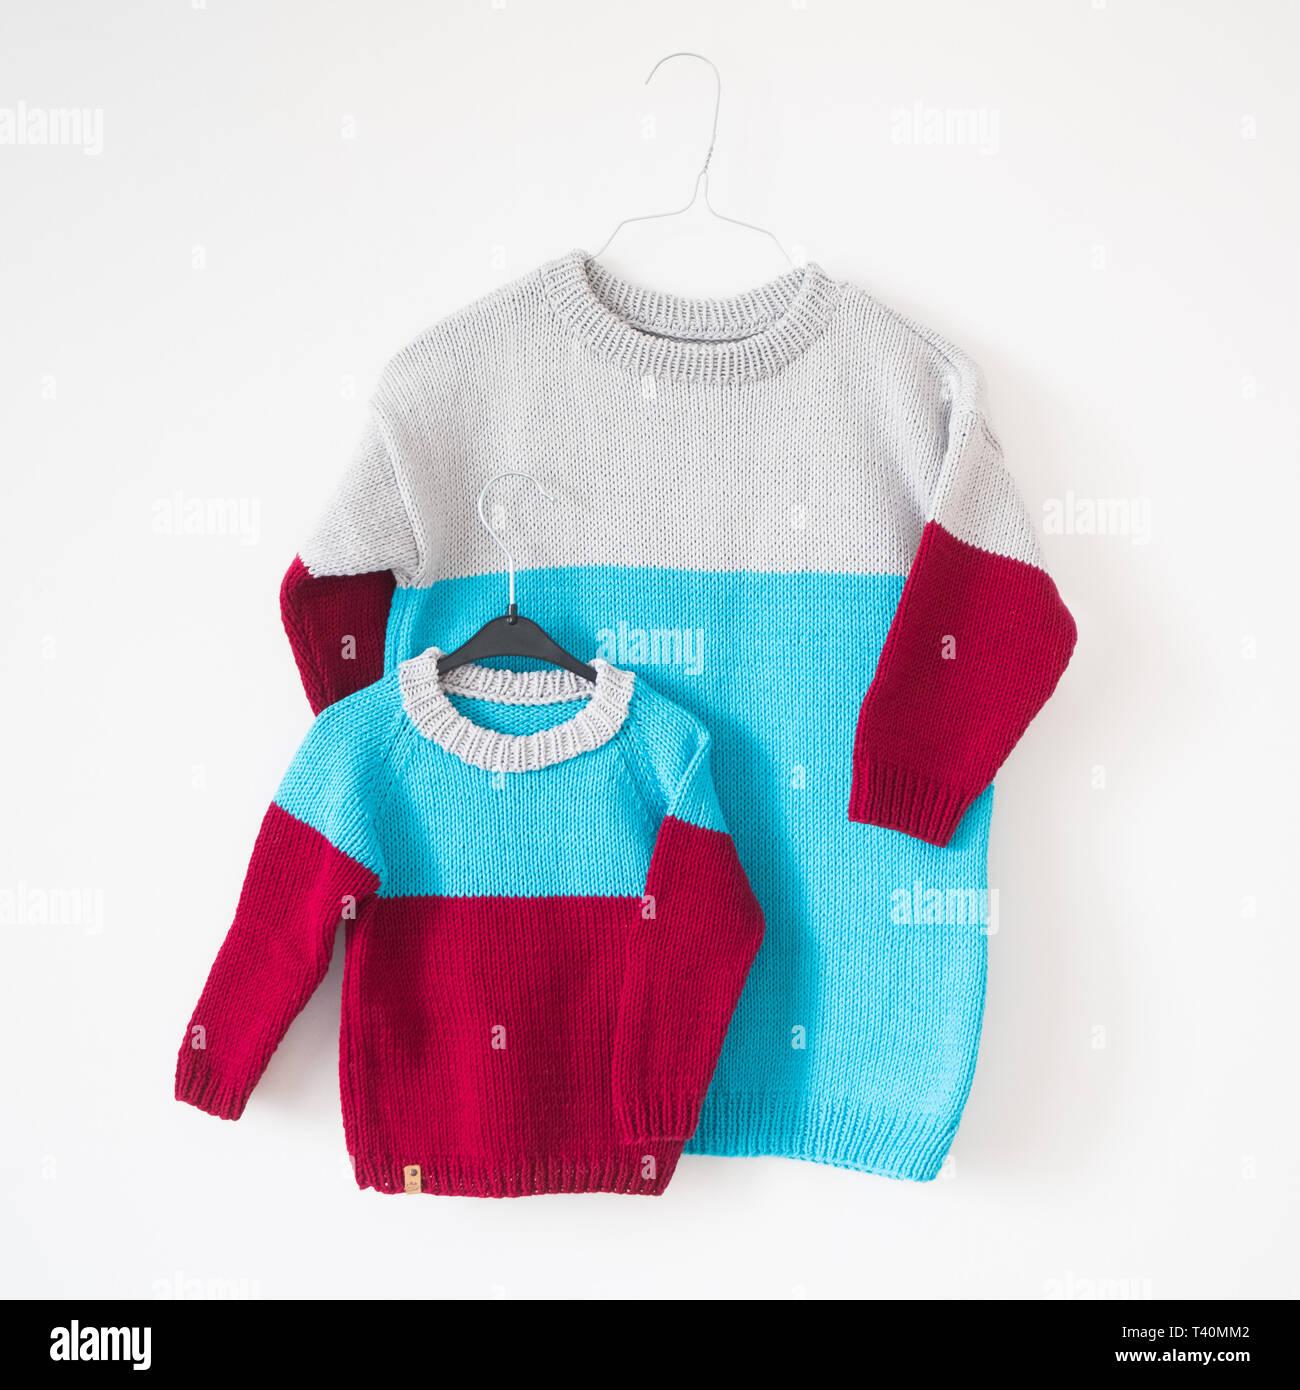 Knit Pullover Stockfotos & Knit Pullover Bilder Alamy